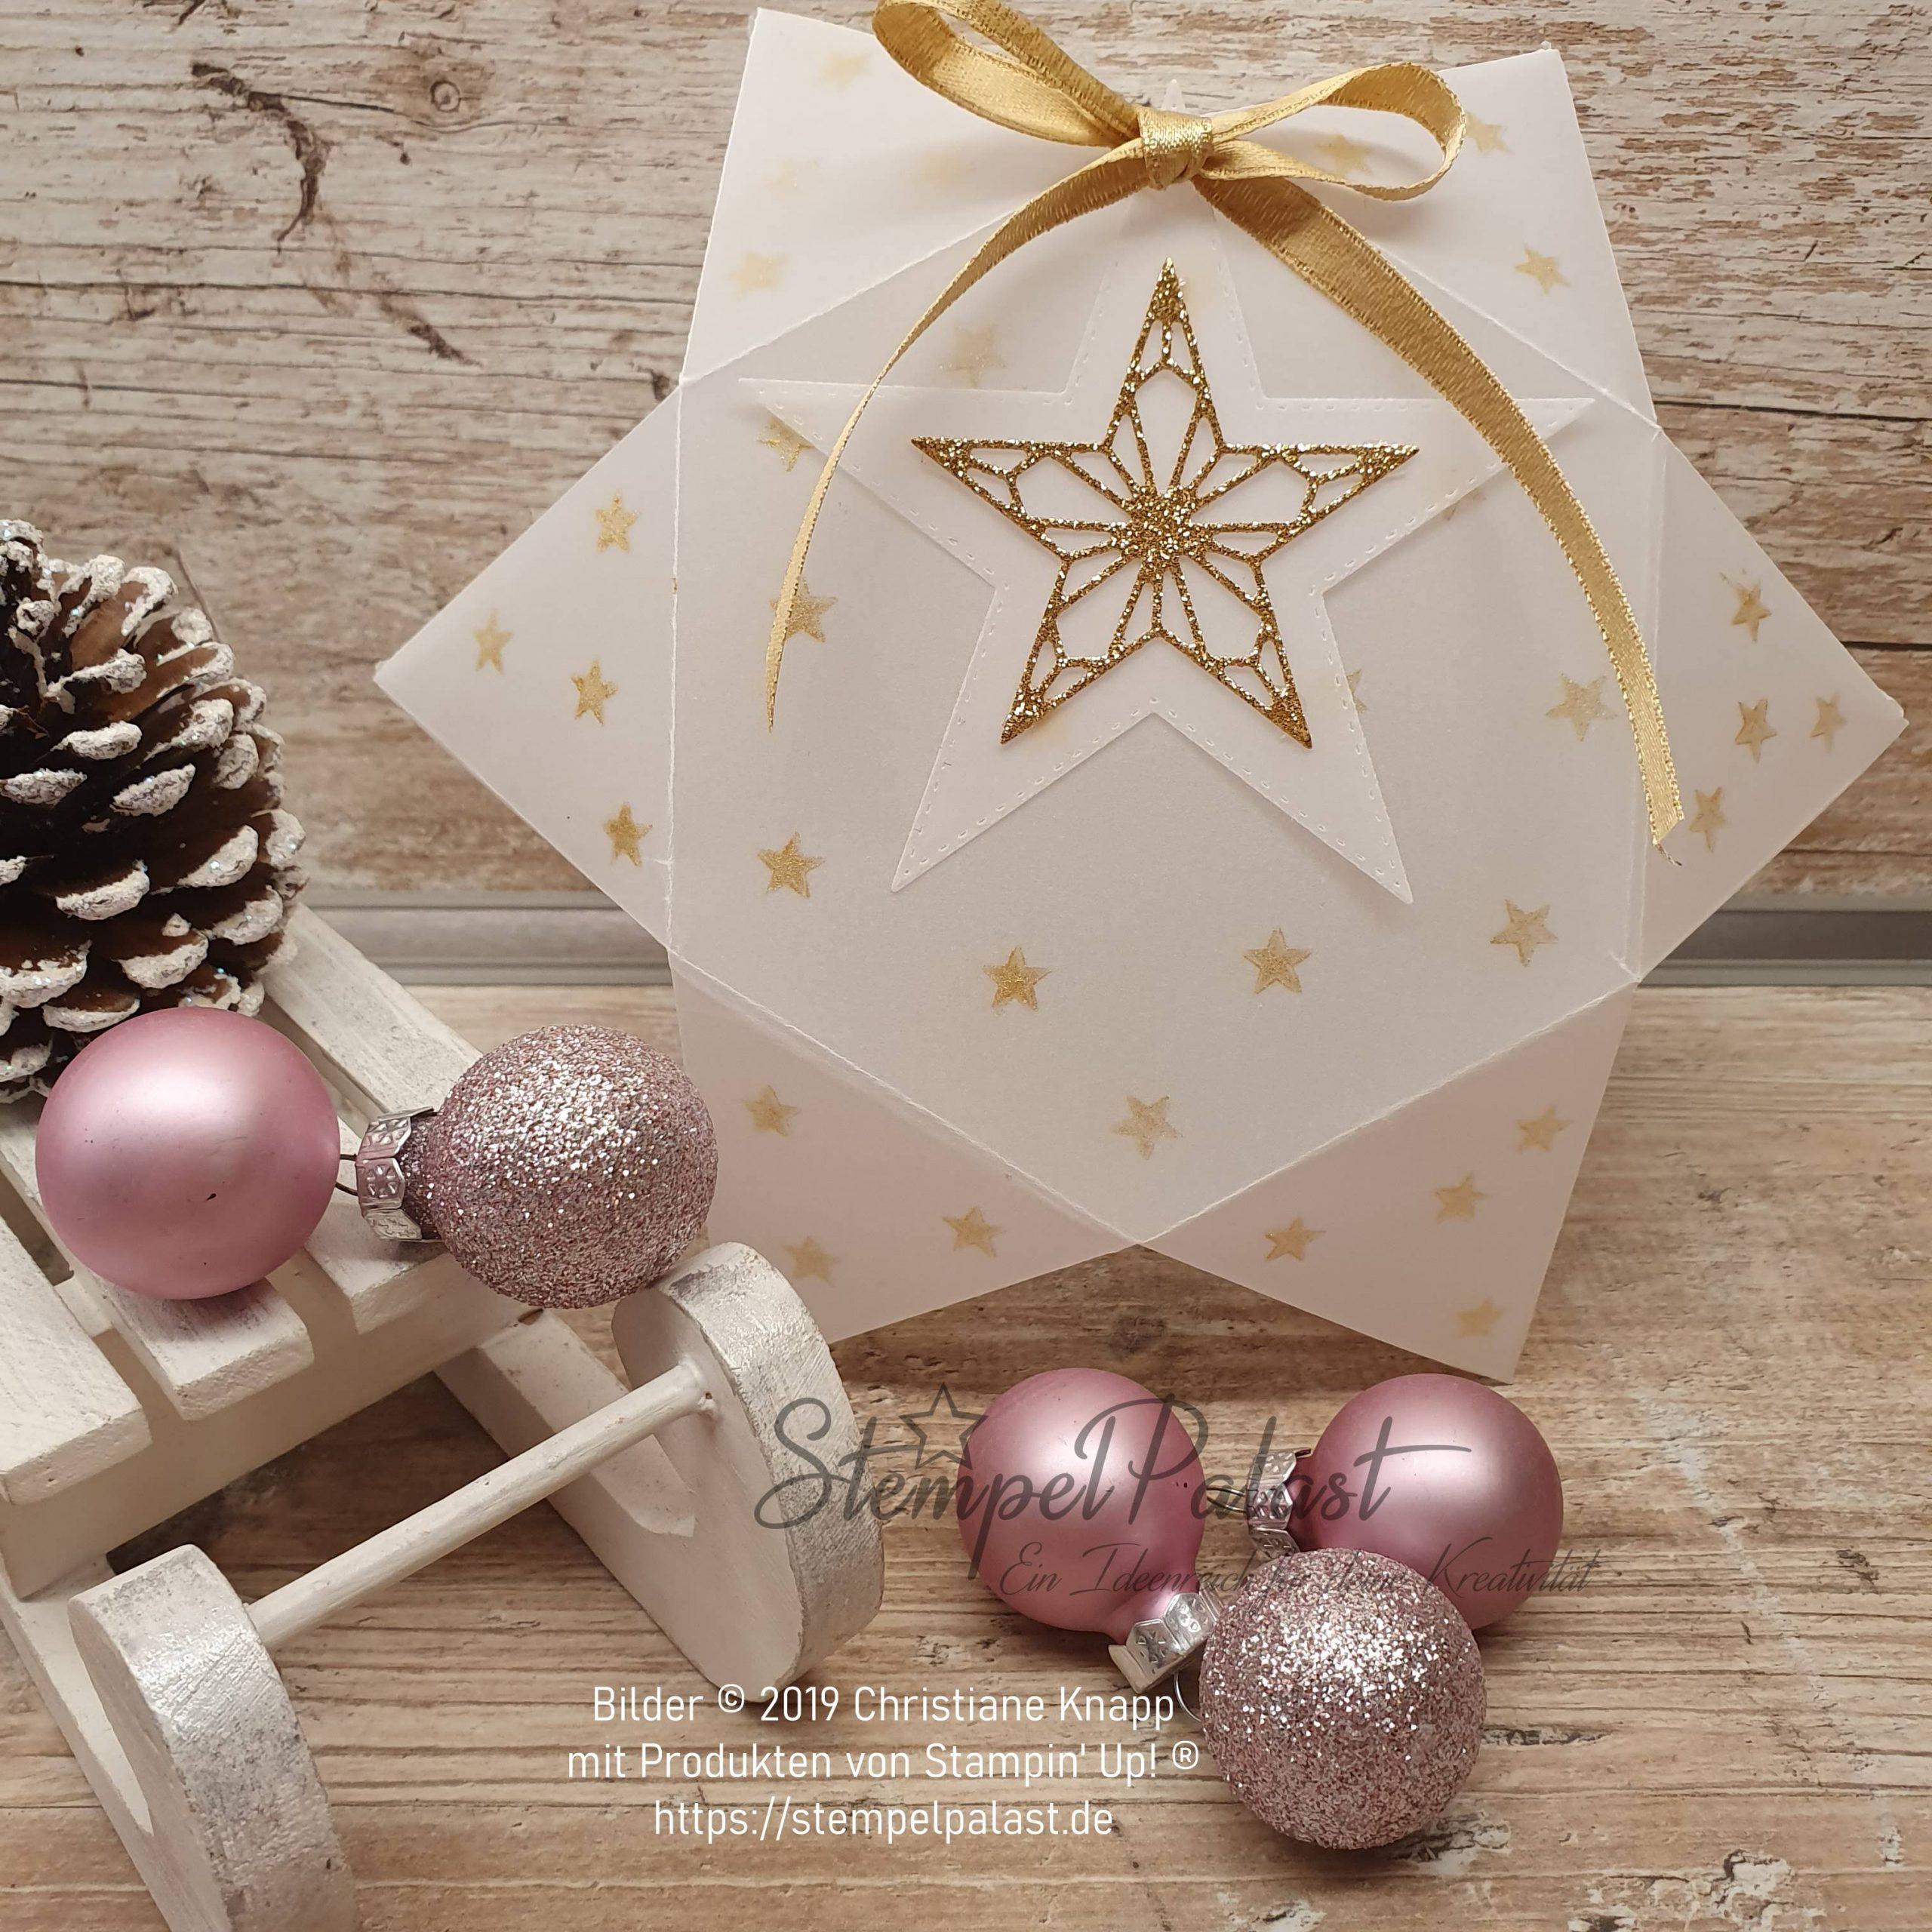 Weihnachtliche Sternenverpackung im Adventskalender vom 03.12.2019